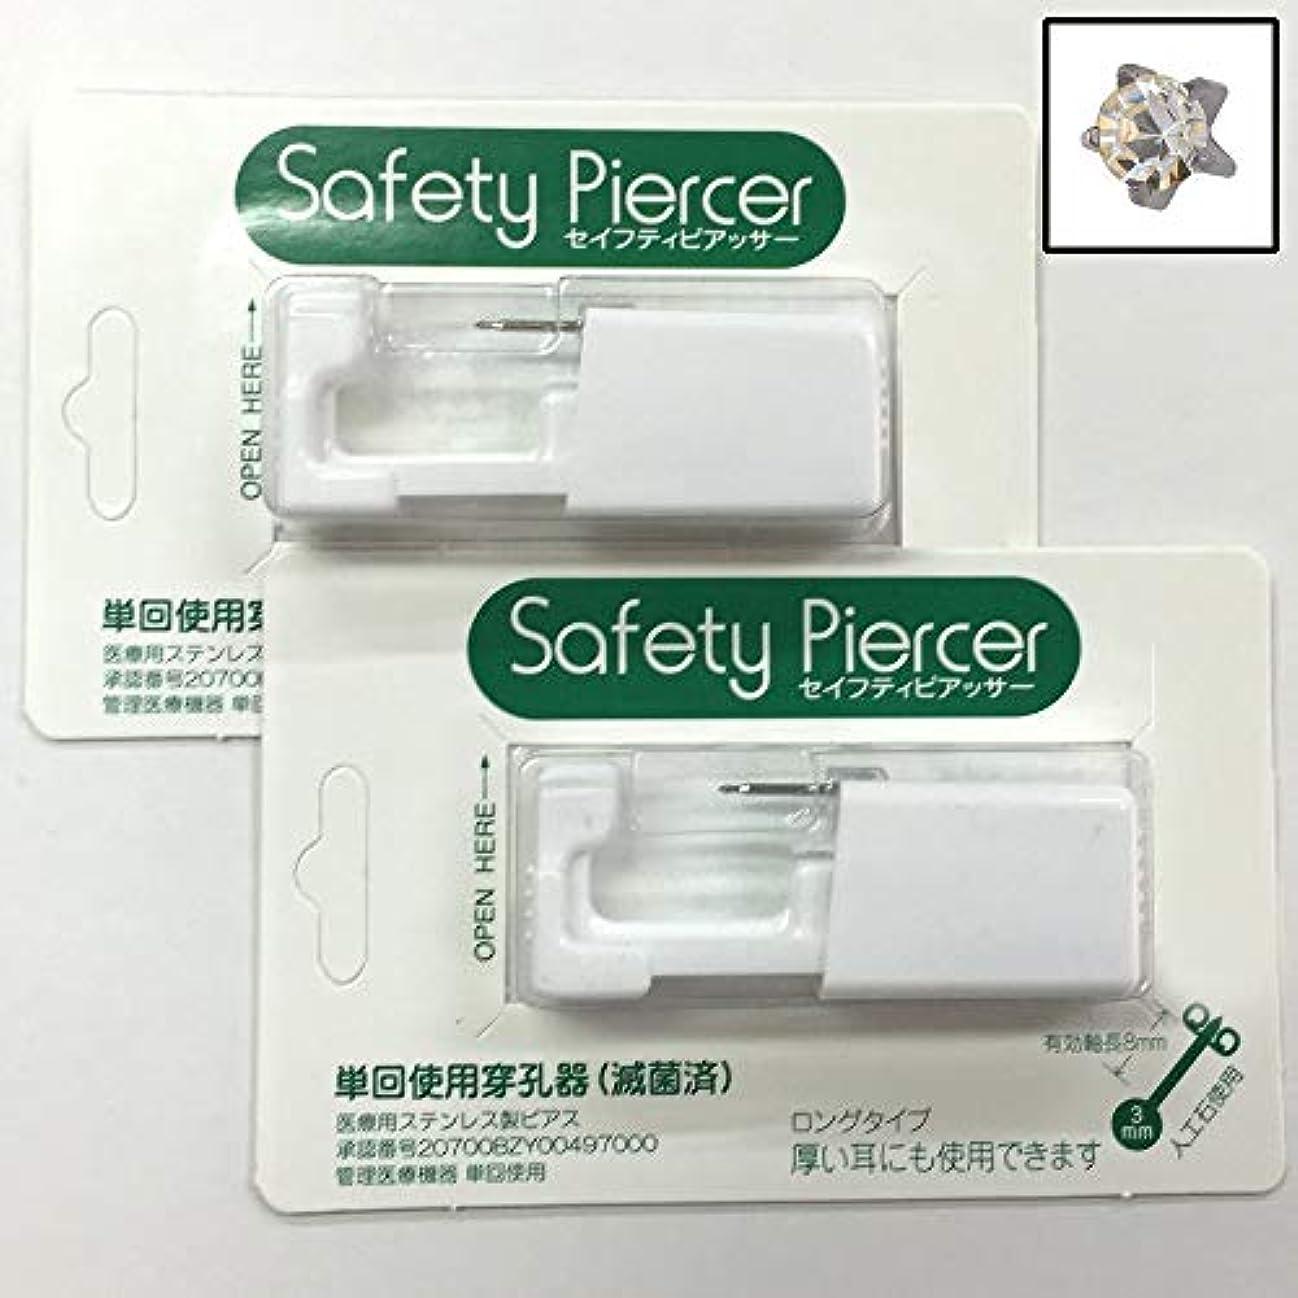 悲しみヒューマニスティックエアコンセイフティピアッサー シルバー (医療用ステンレス) 3mm ダイヤ色 5M104WL(2個セット)